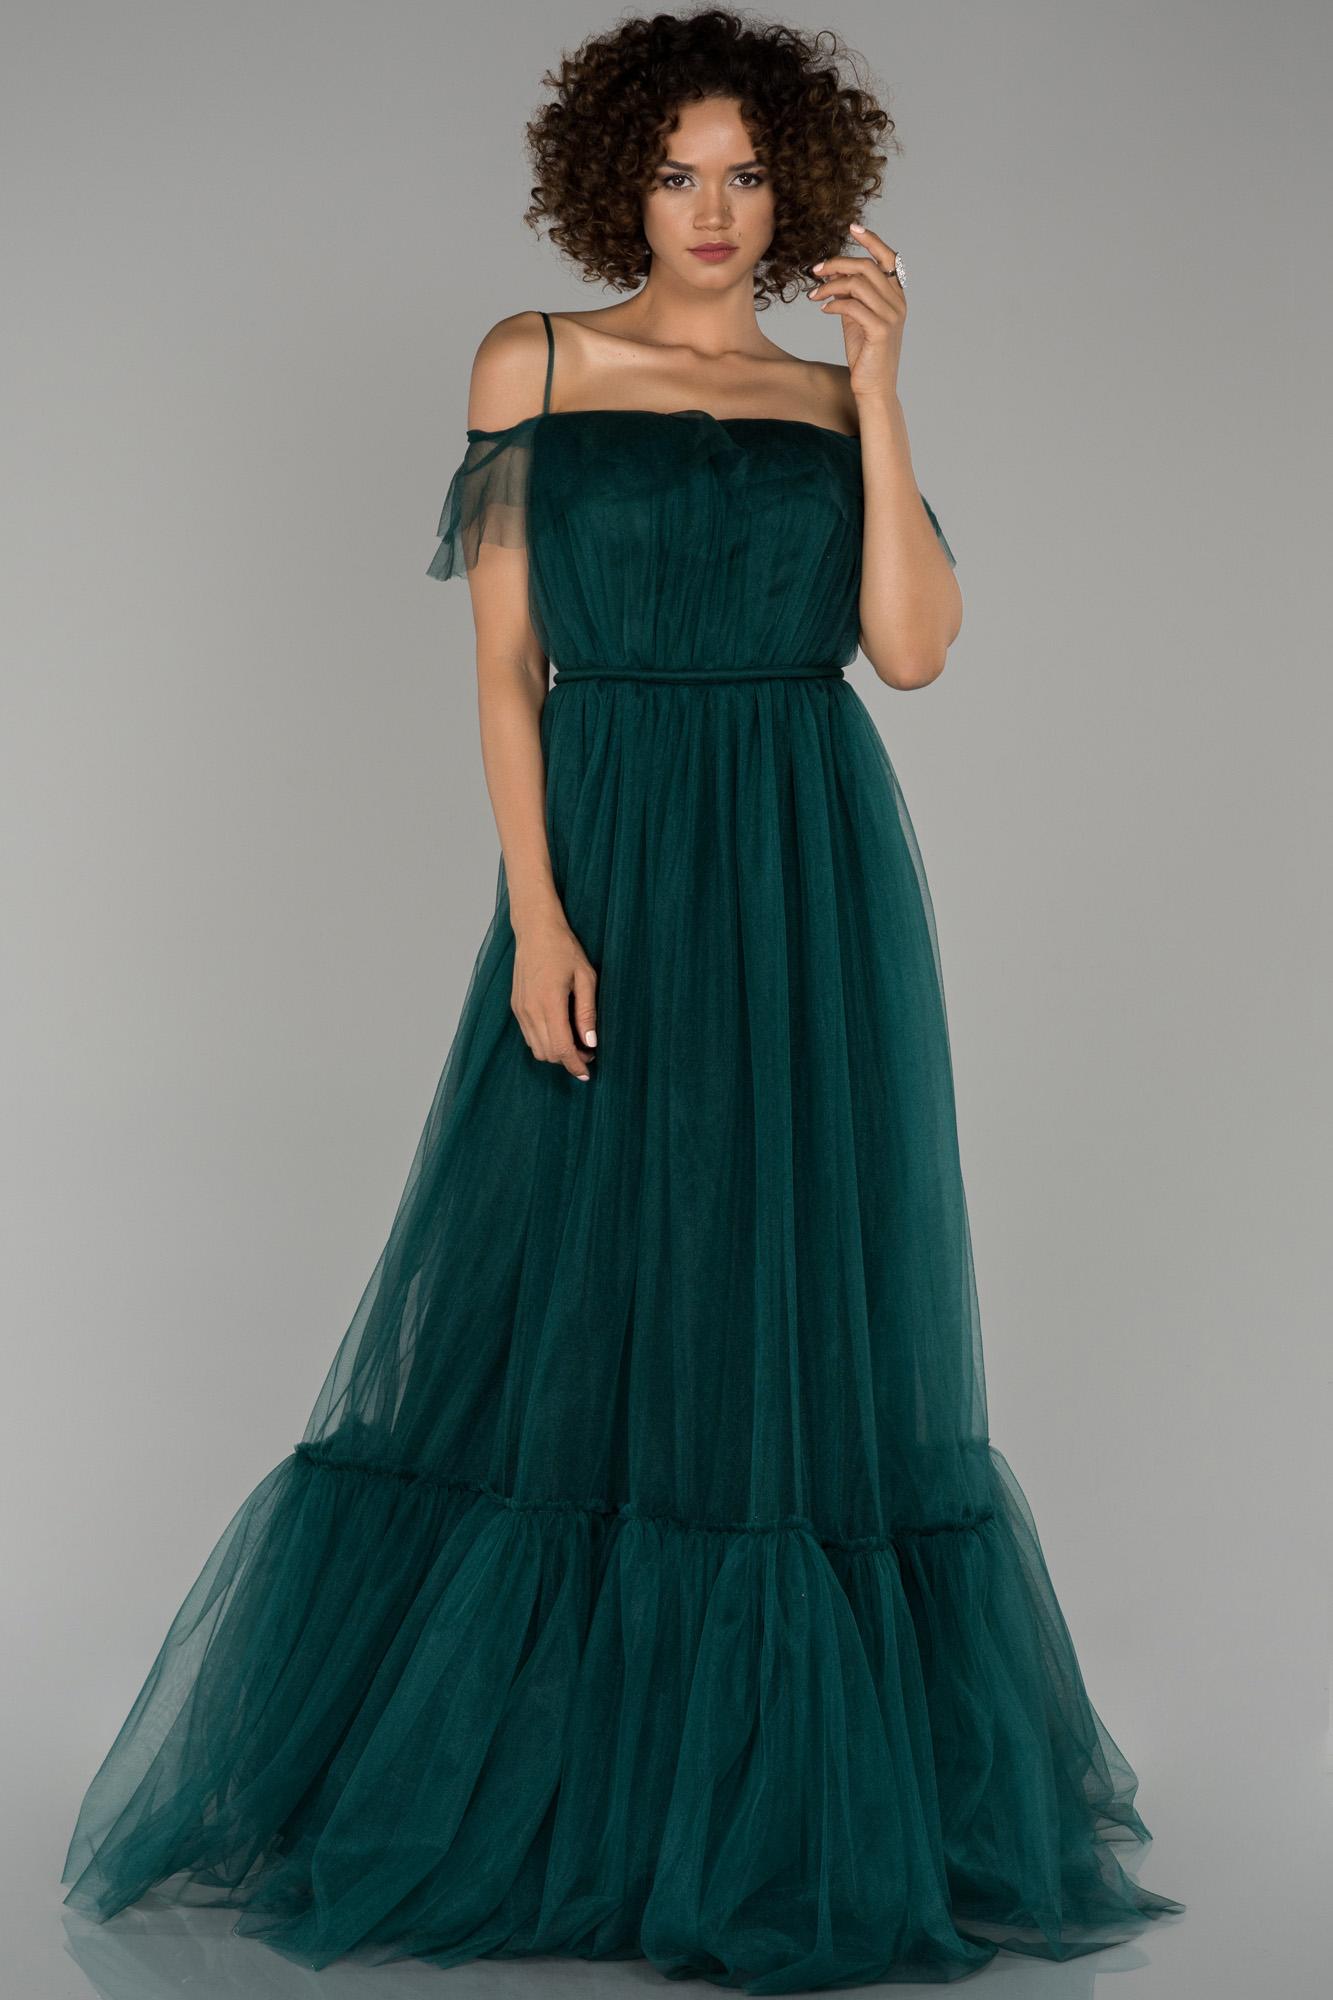 Zümrüt Yeşili Madonna Yaka Prenses Abiye Elbise